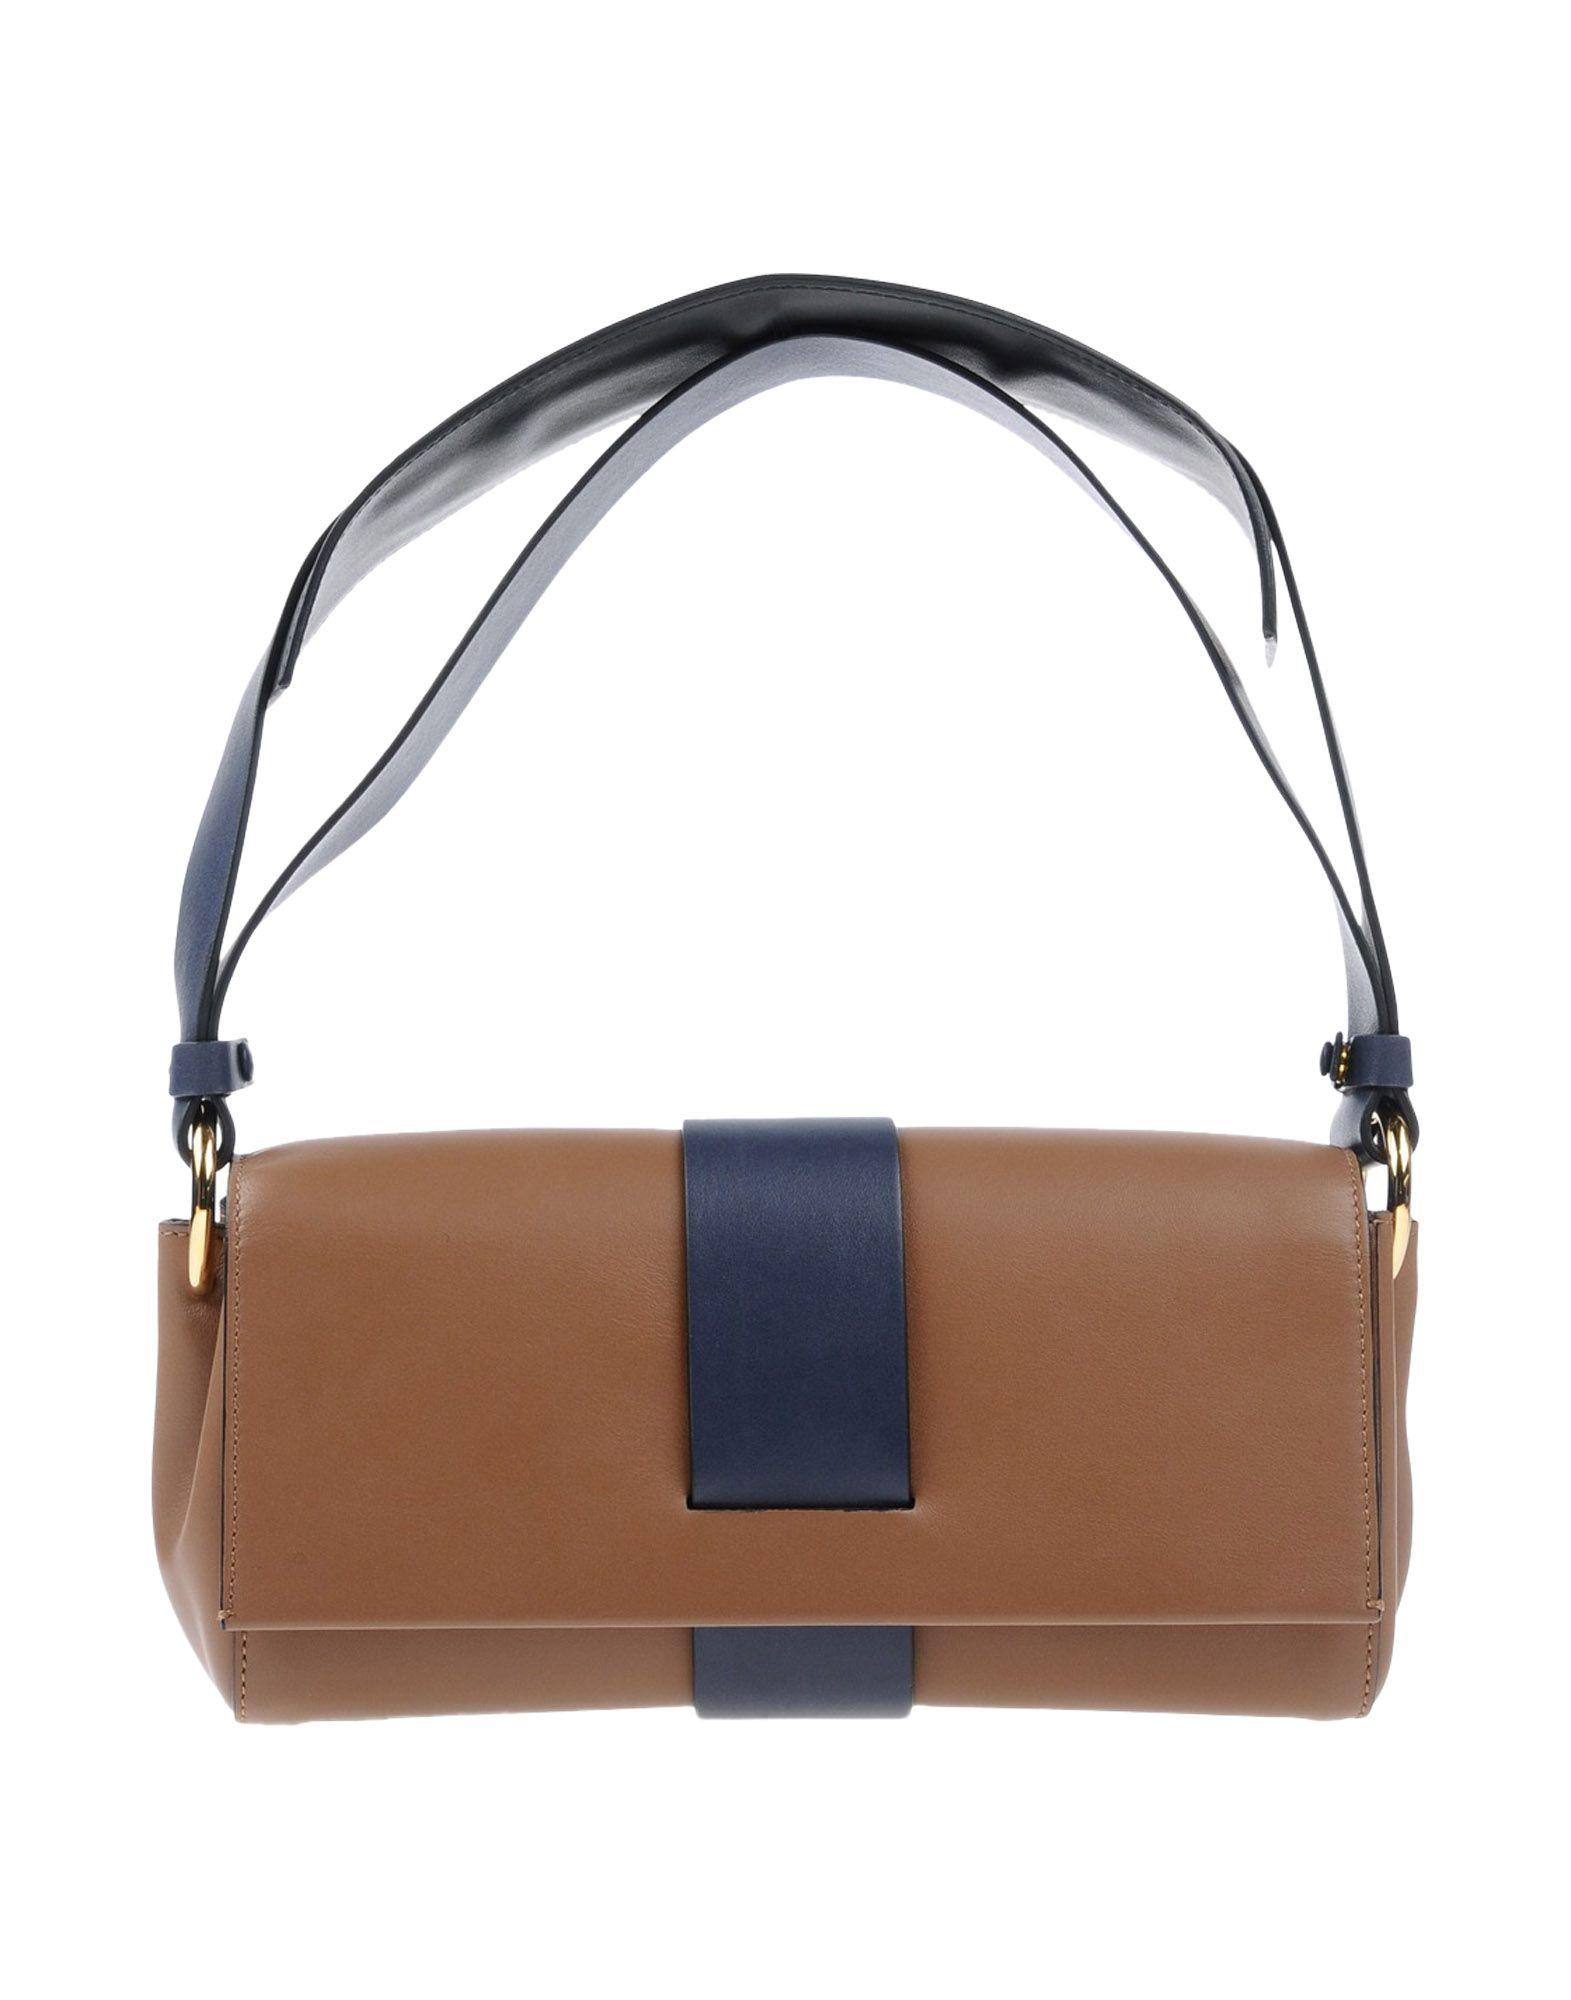 Super Marni Donna - scarpe, borse e collane online su YOOX Italy QS15